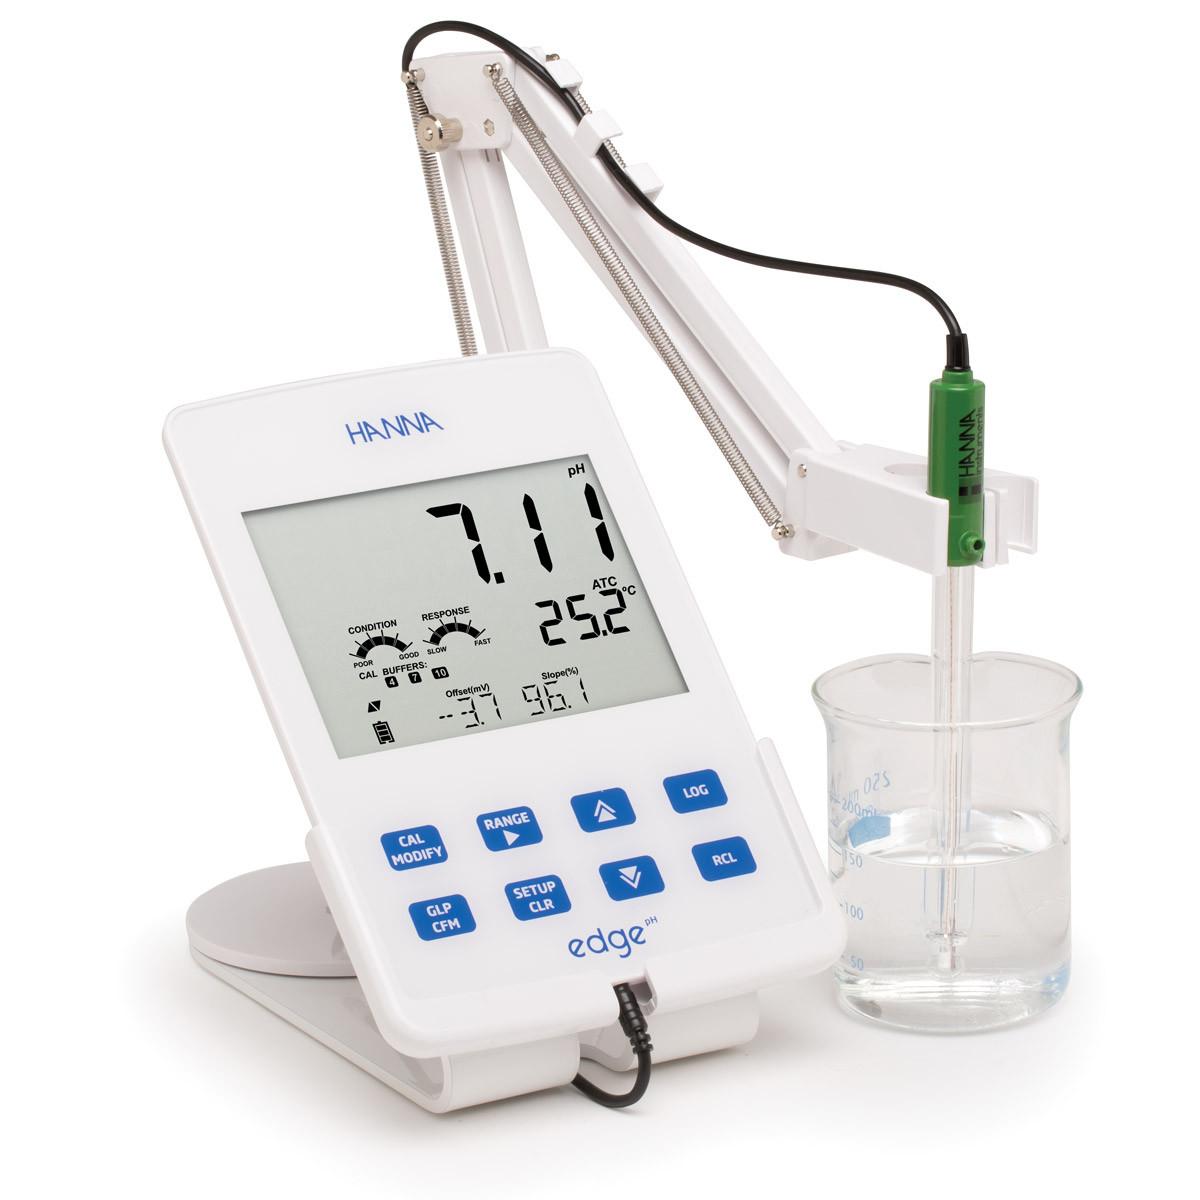 edge® Dedicated pH/ORP Meter